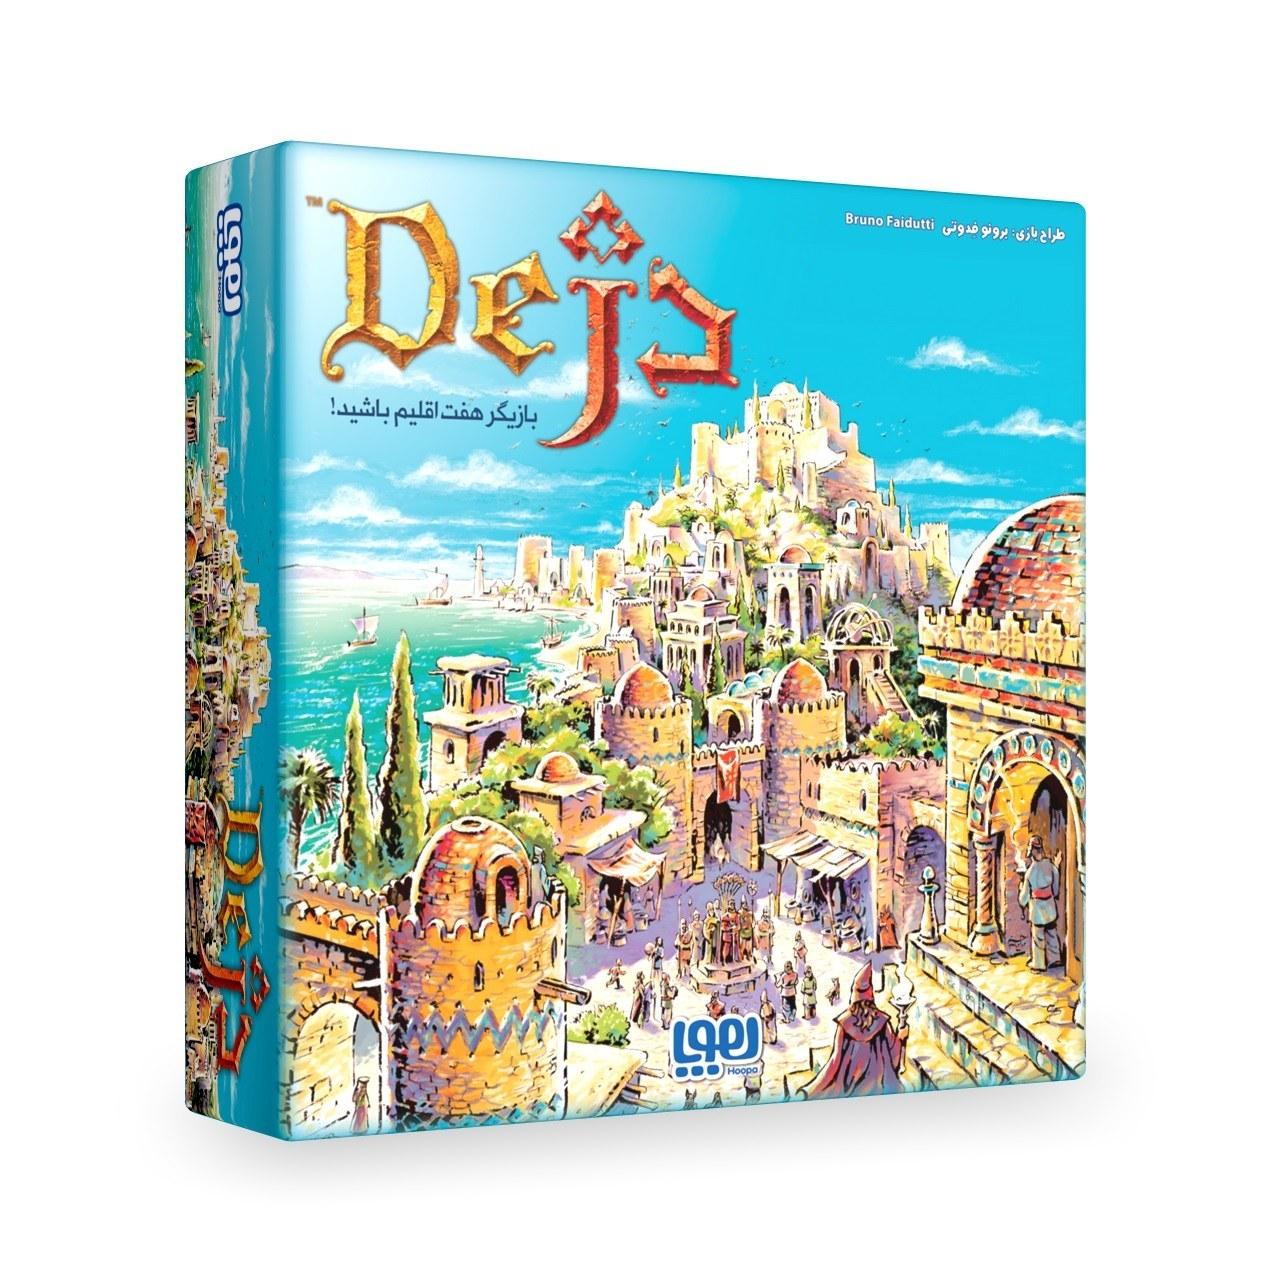 عکس بازی فکری دژ تولید هوپا Dej board game بازی-فکری-دژ-تولید-هوپا